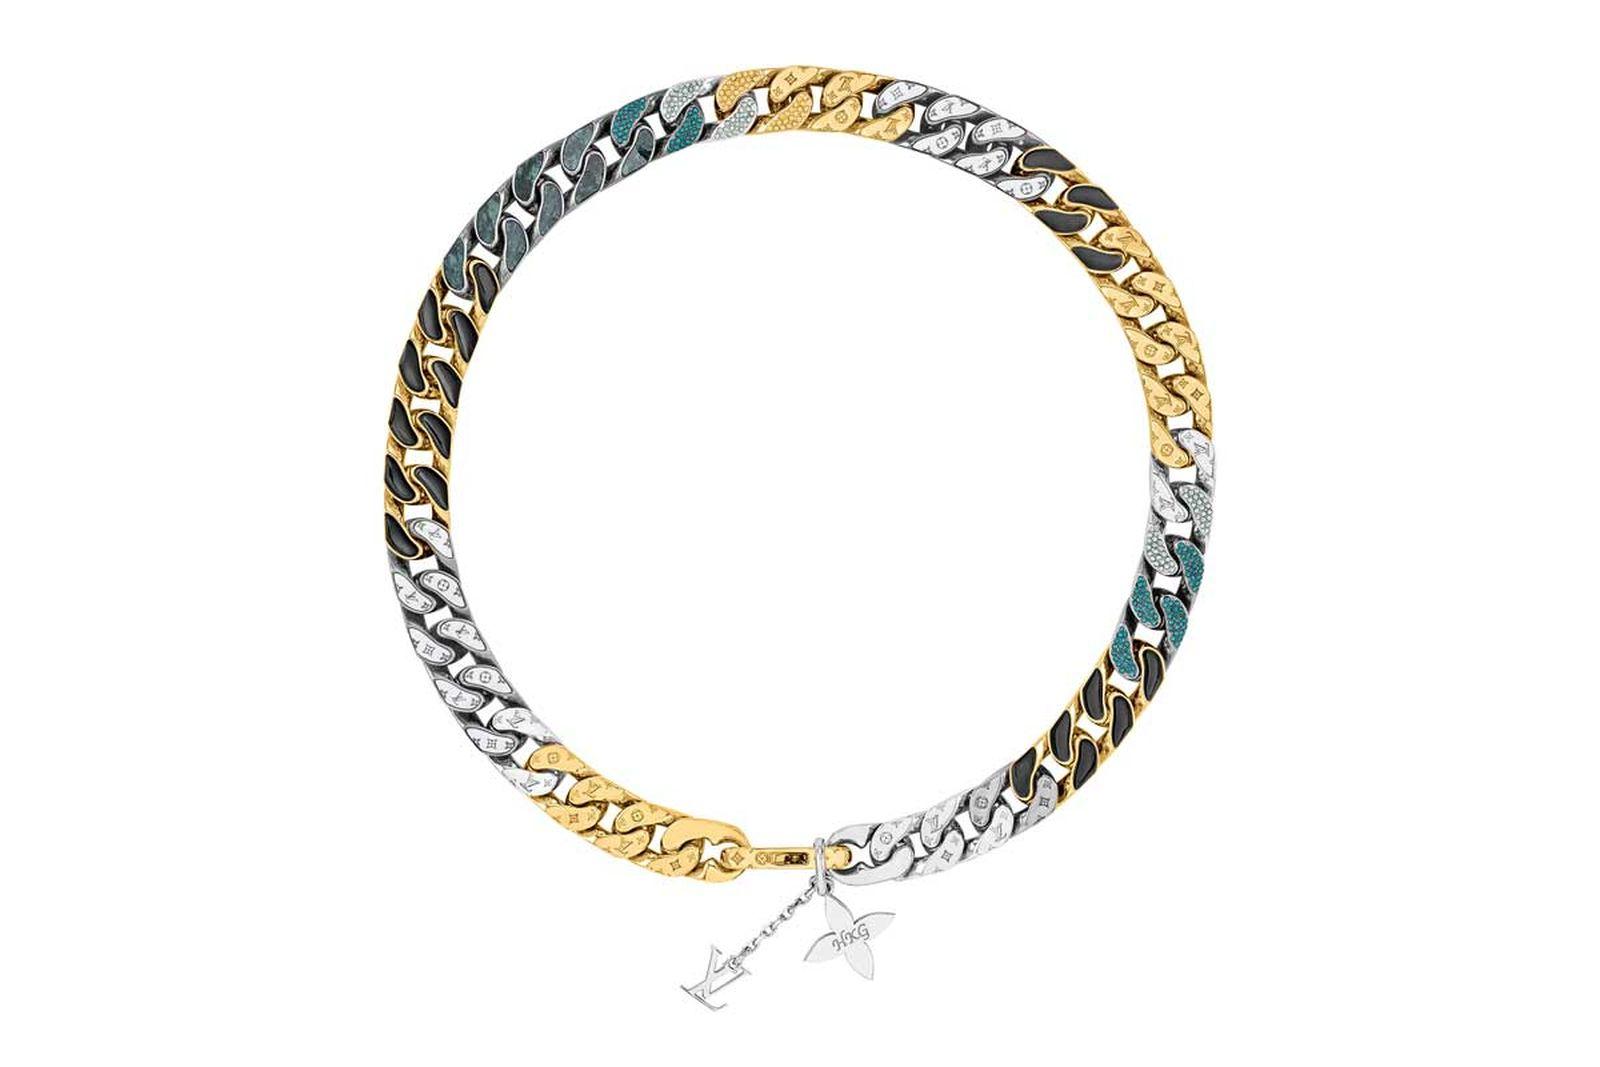 louis vuitton lv chain link neckalces (5)